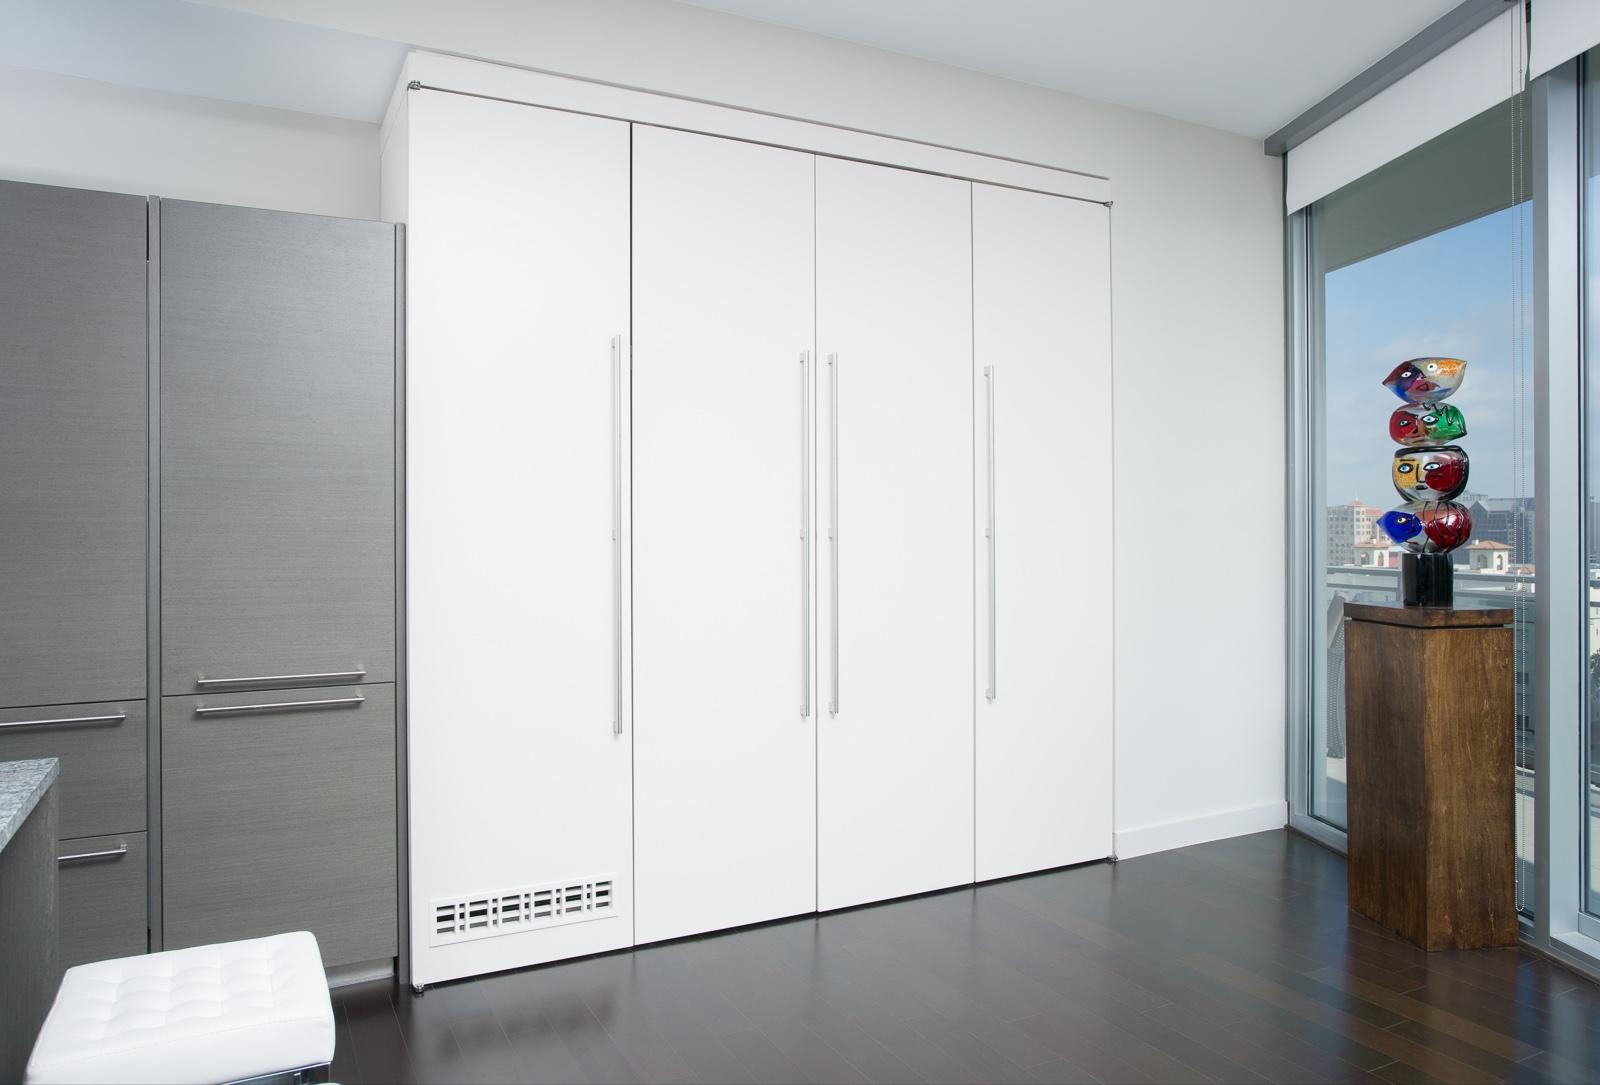 Pivot Door Slides For Cabinet Doors1600 X 1085